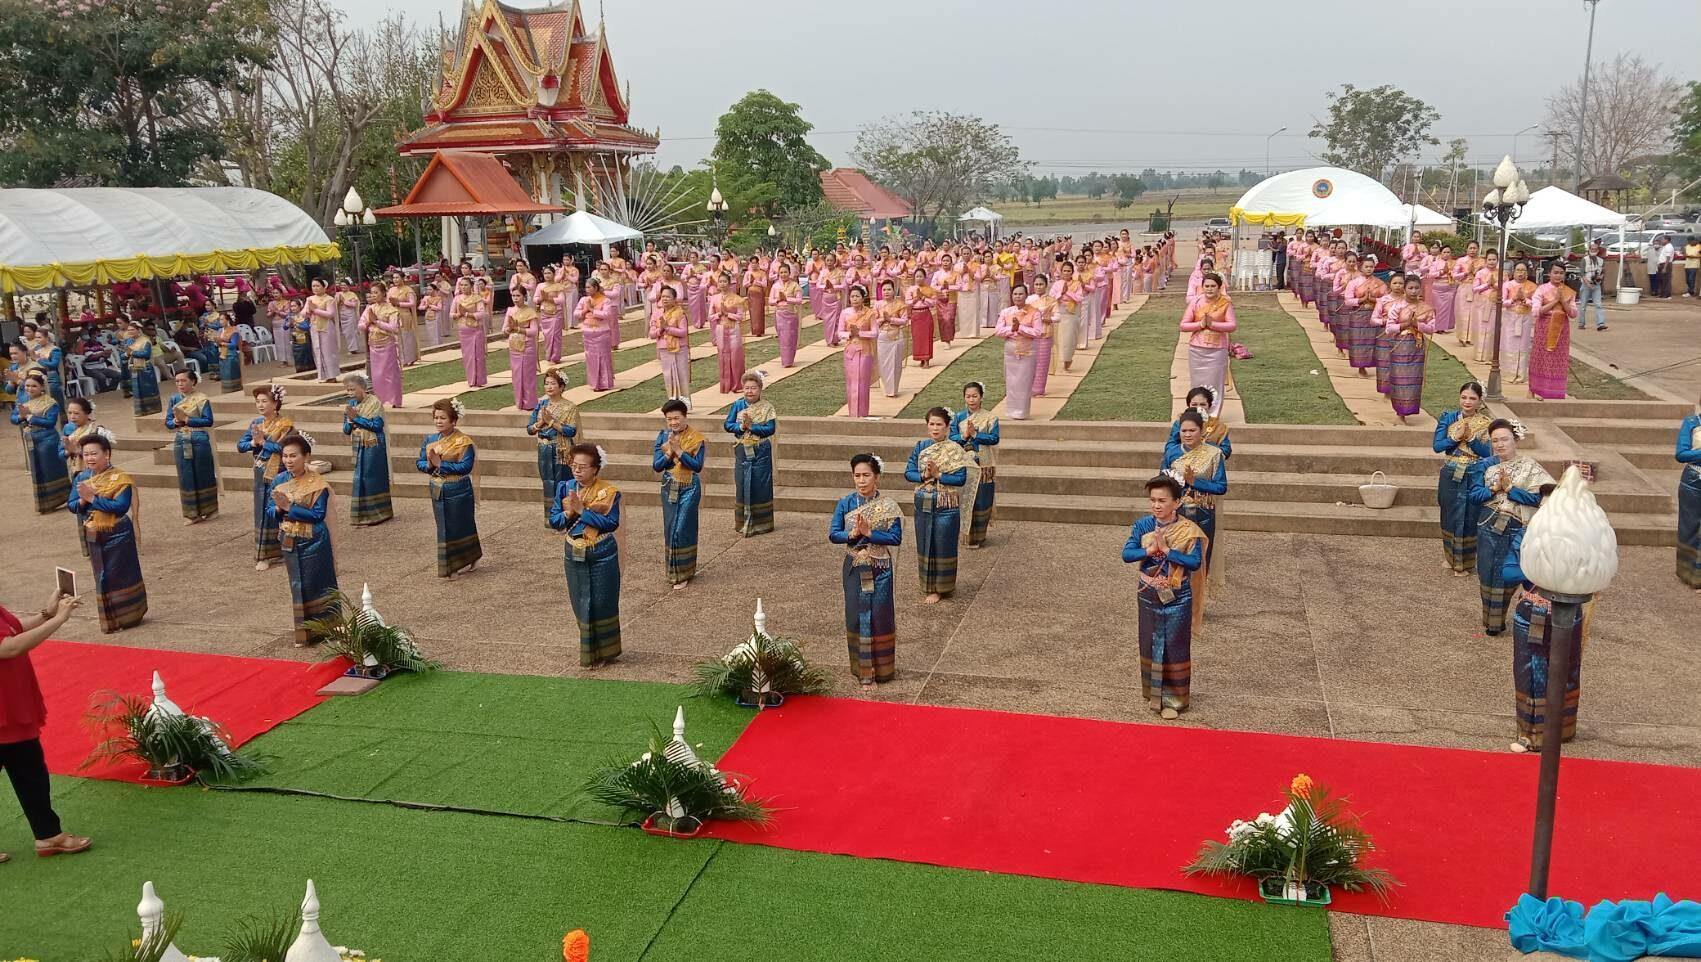 ชาว'พิมายกว่า 200 คน ตั้งริ้วขบวนแห่ชุดไทยโบราณ รำบวงสรวงเชิดชูวีรกรรมคุณย่าโม